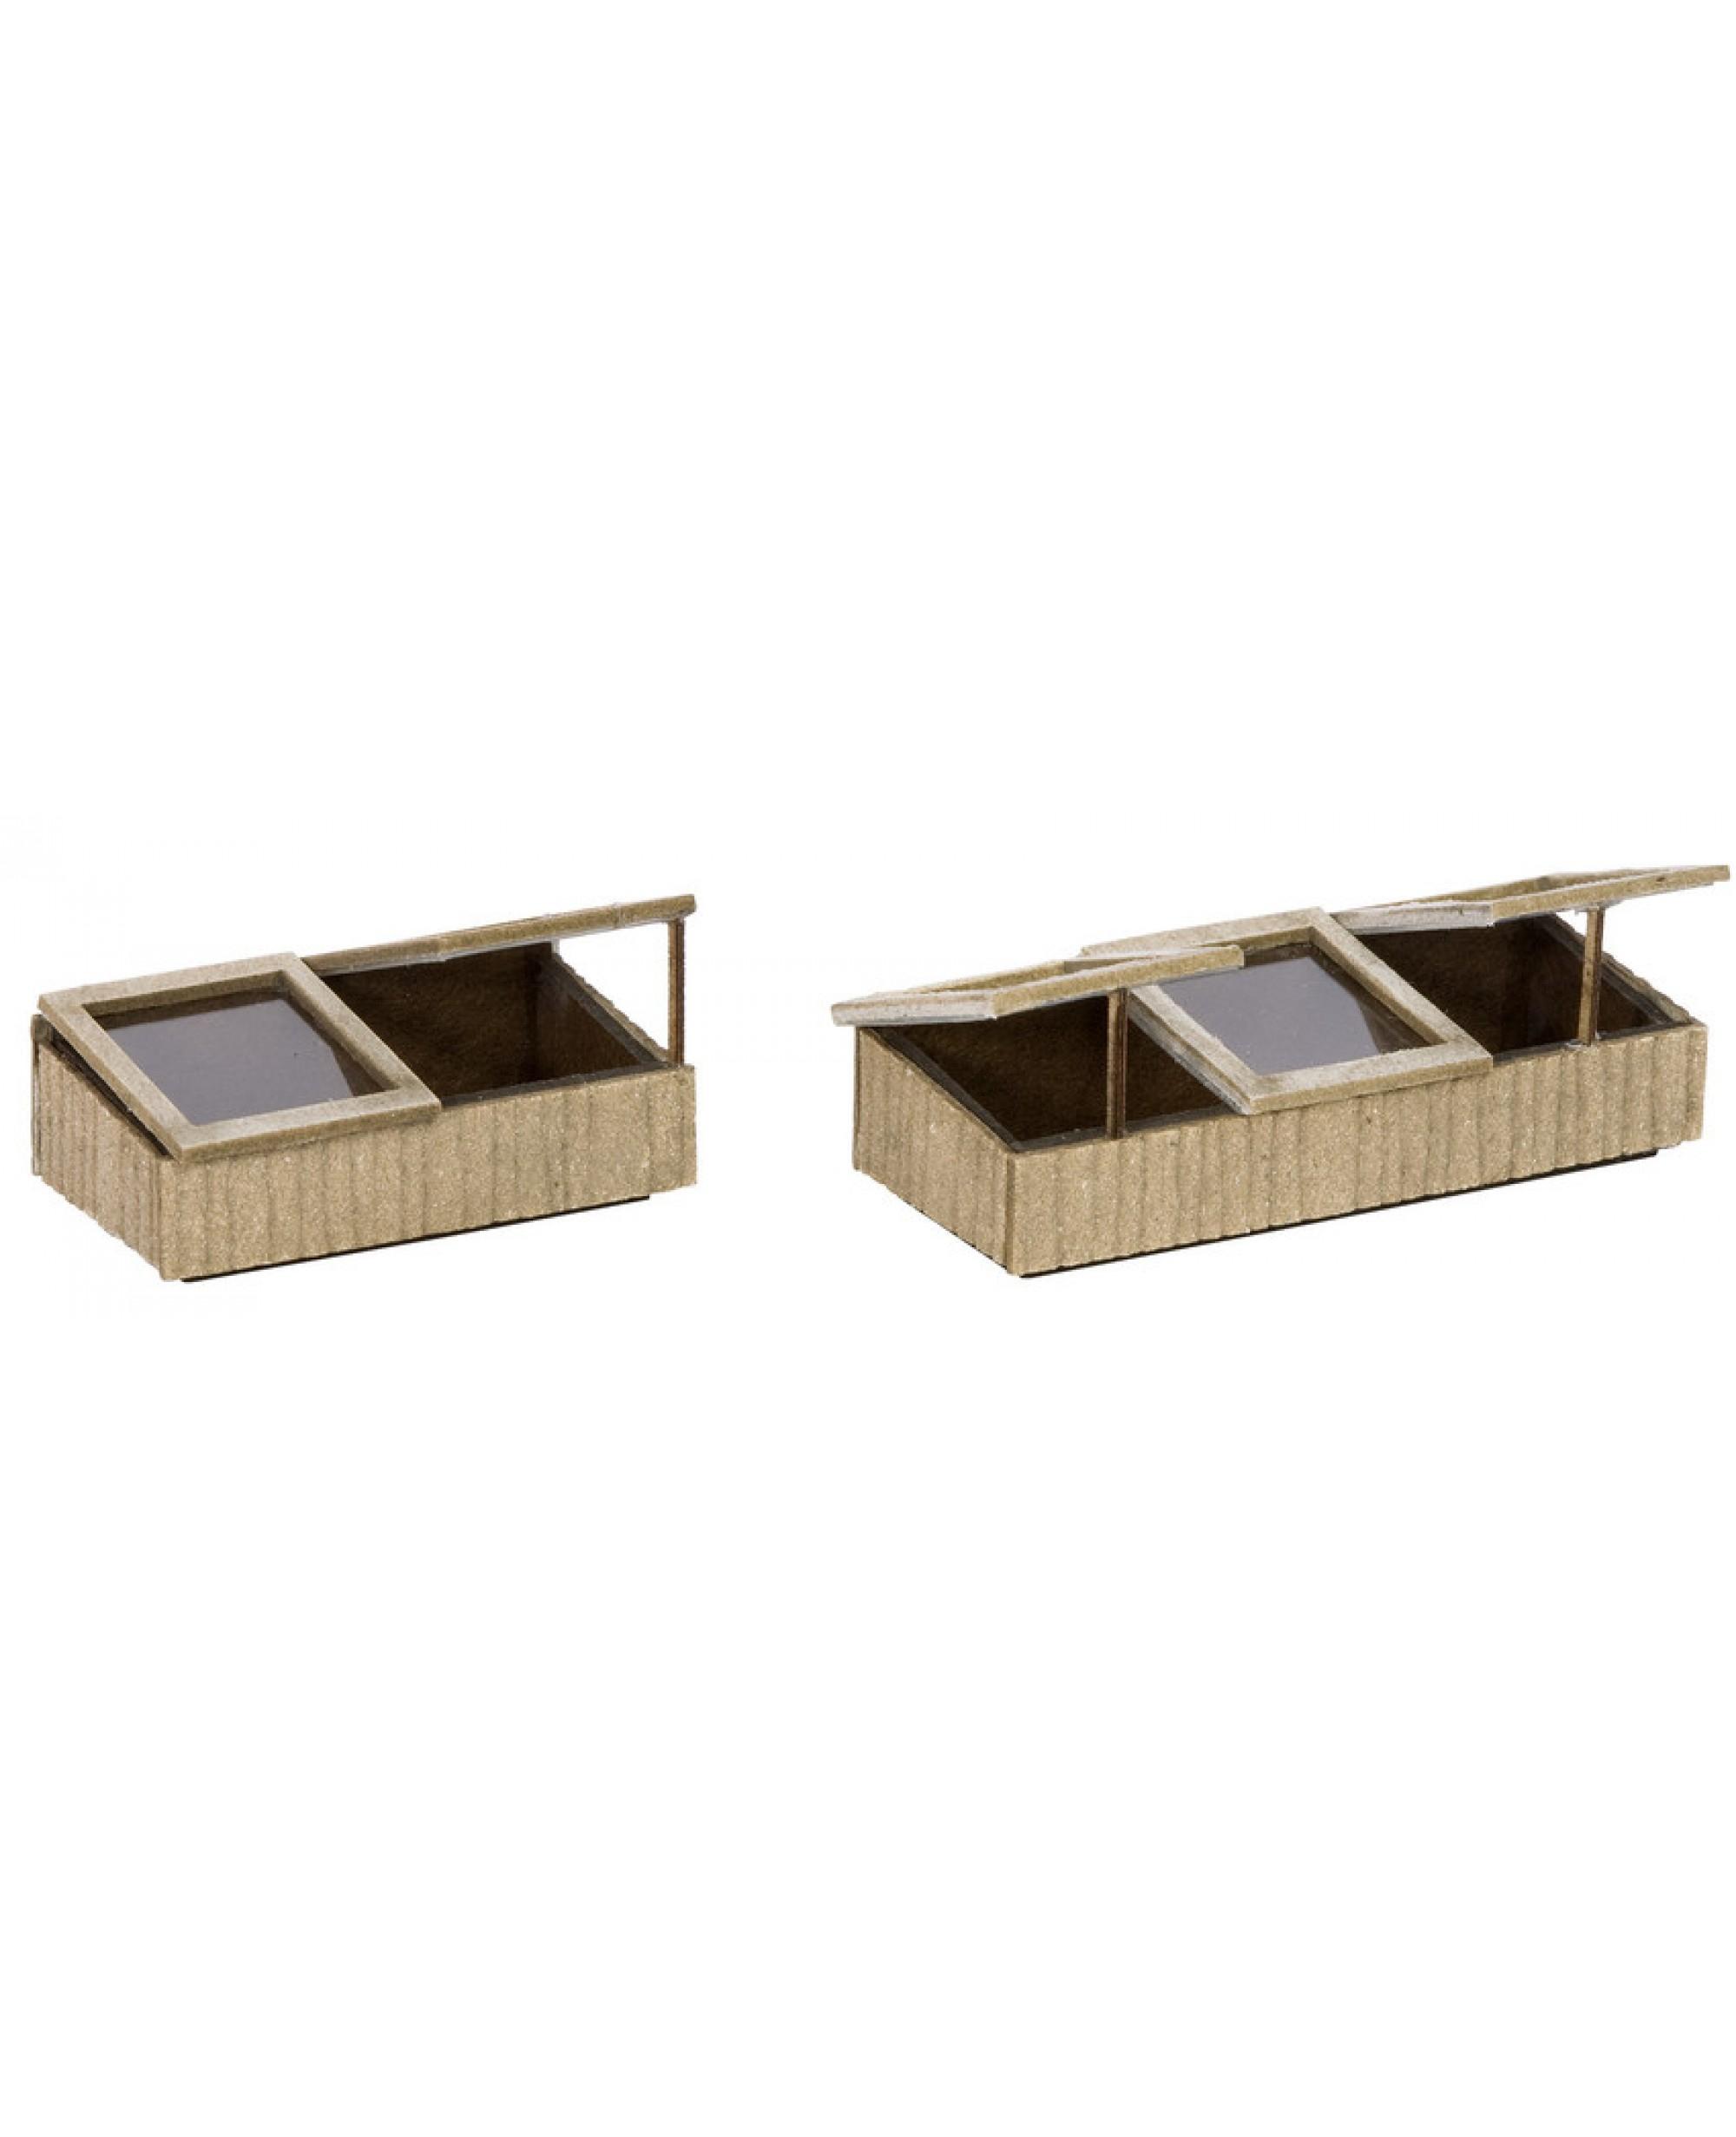 2 Petits Chassis De Jardin En Kit À Monter De Dimensions 2,6X1,6X1 Cm pour Chassis De Jardin